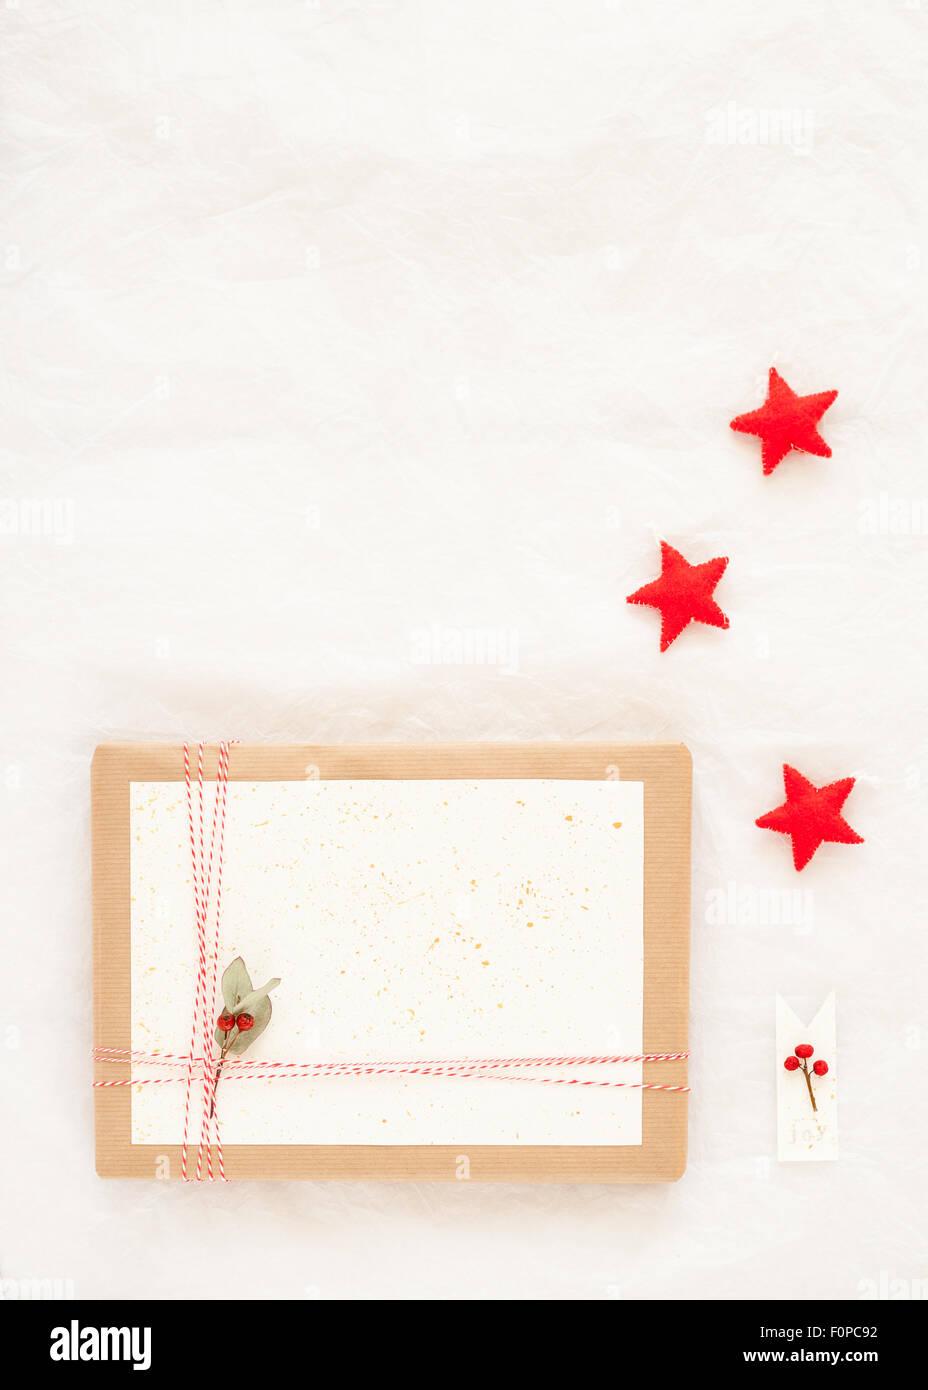 Geschenk verpackt mit braunem Papier, rote und weiße Bakers Bindfäden Weißbuch spritzte mit Goldfarbe Stockbild